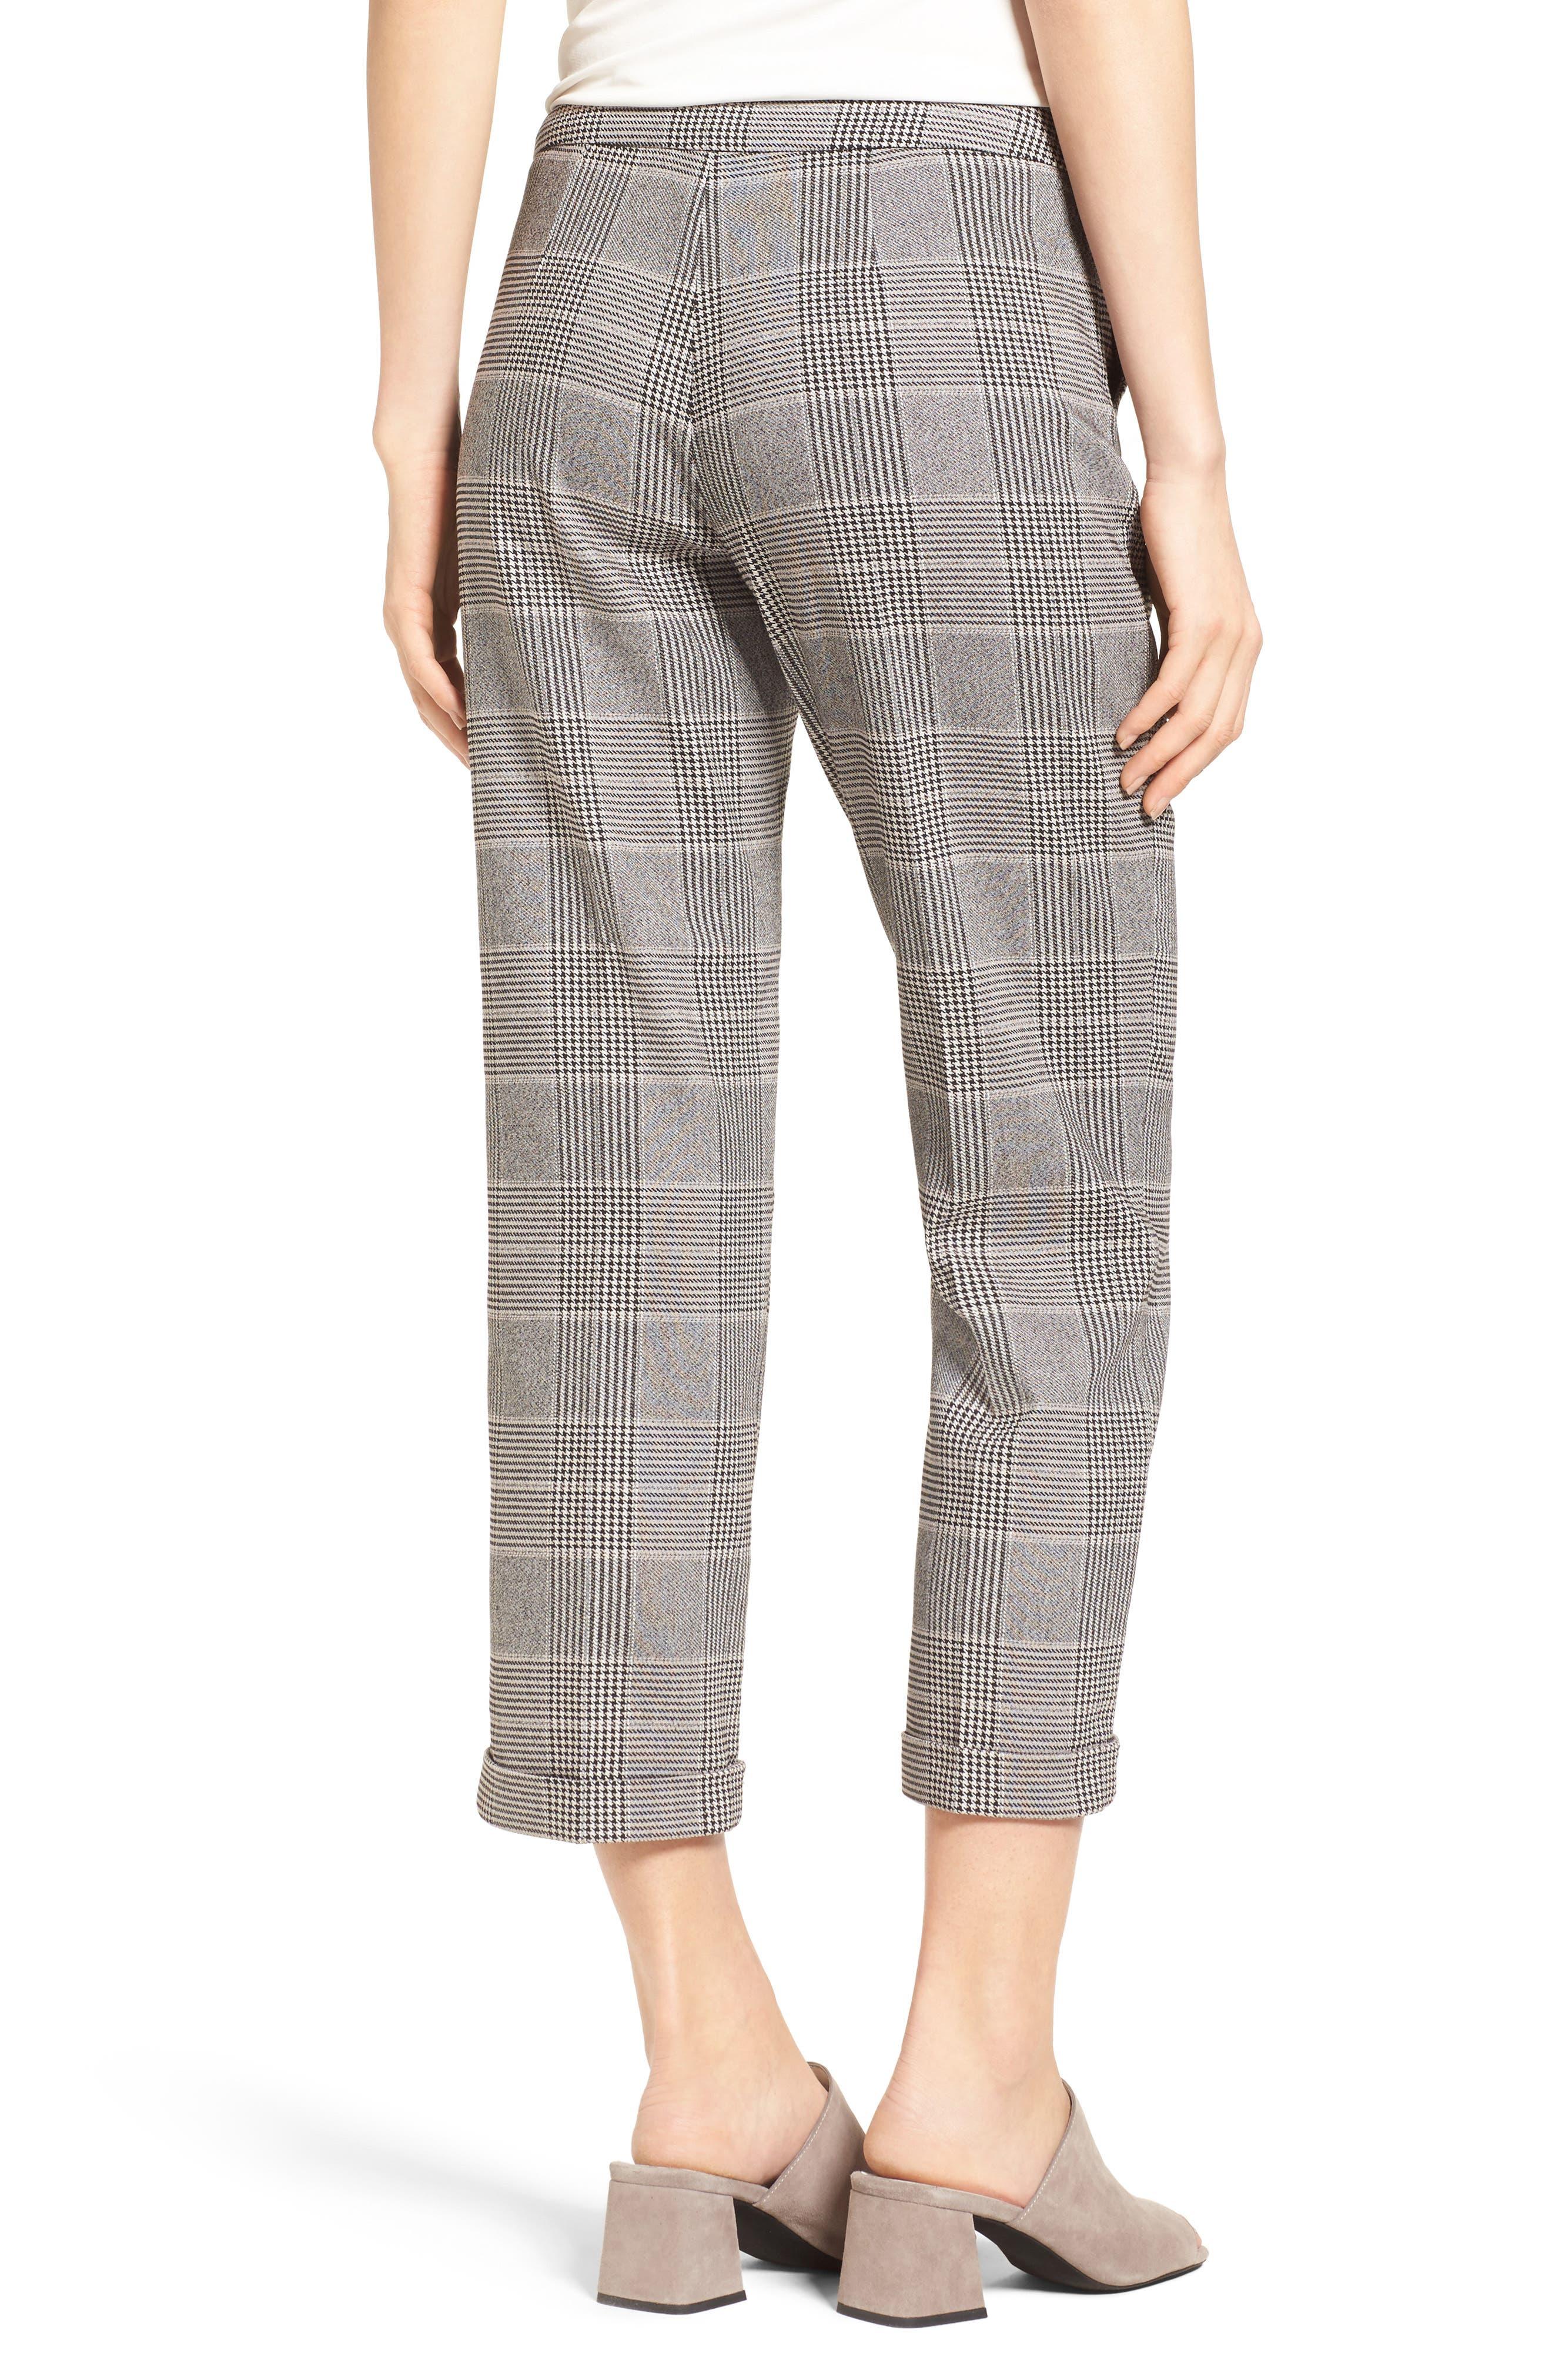 Denise Glen Plaid Cuff Slim Ankle Pants,                             Alternate thumbnail 2, color,                             001